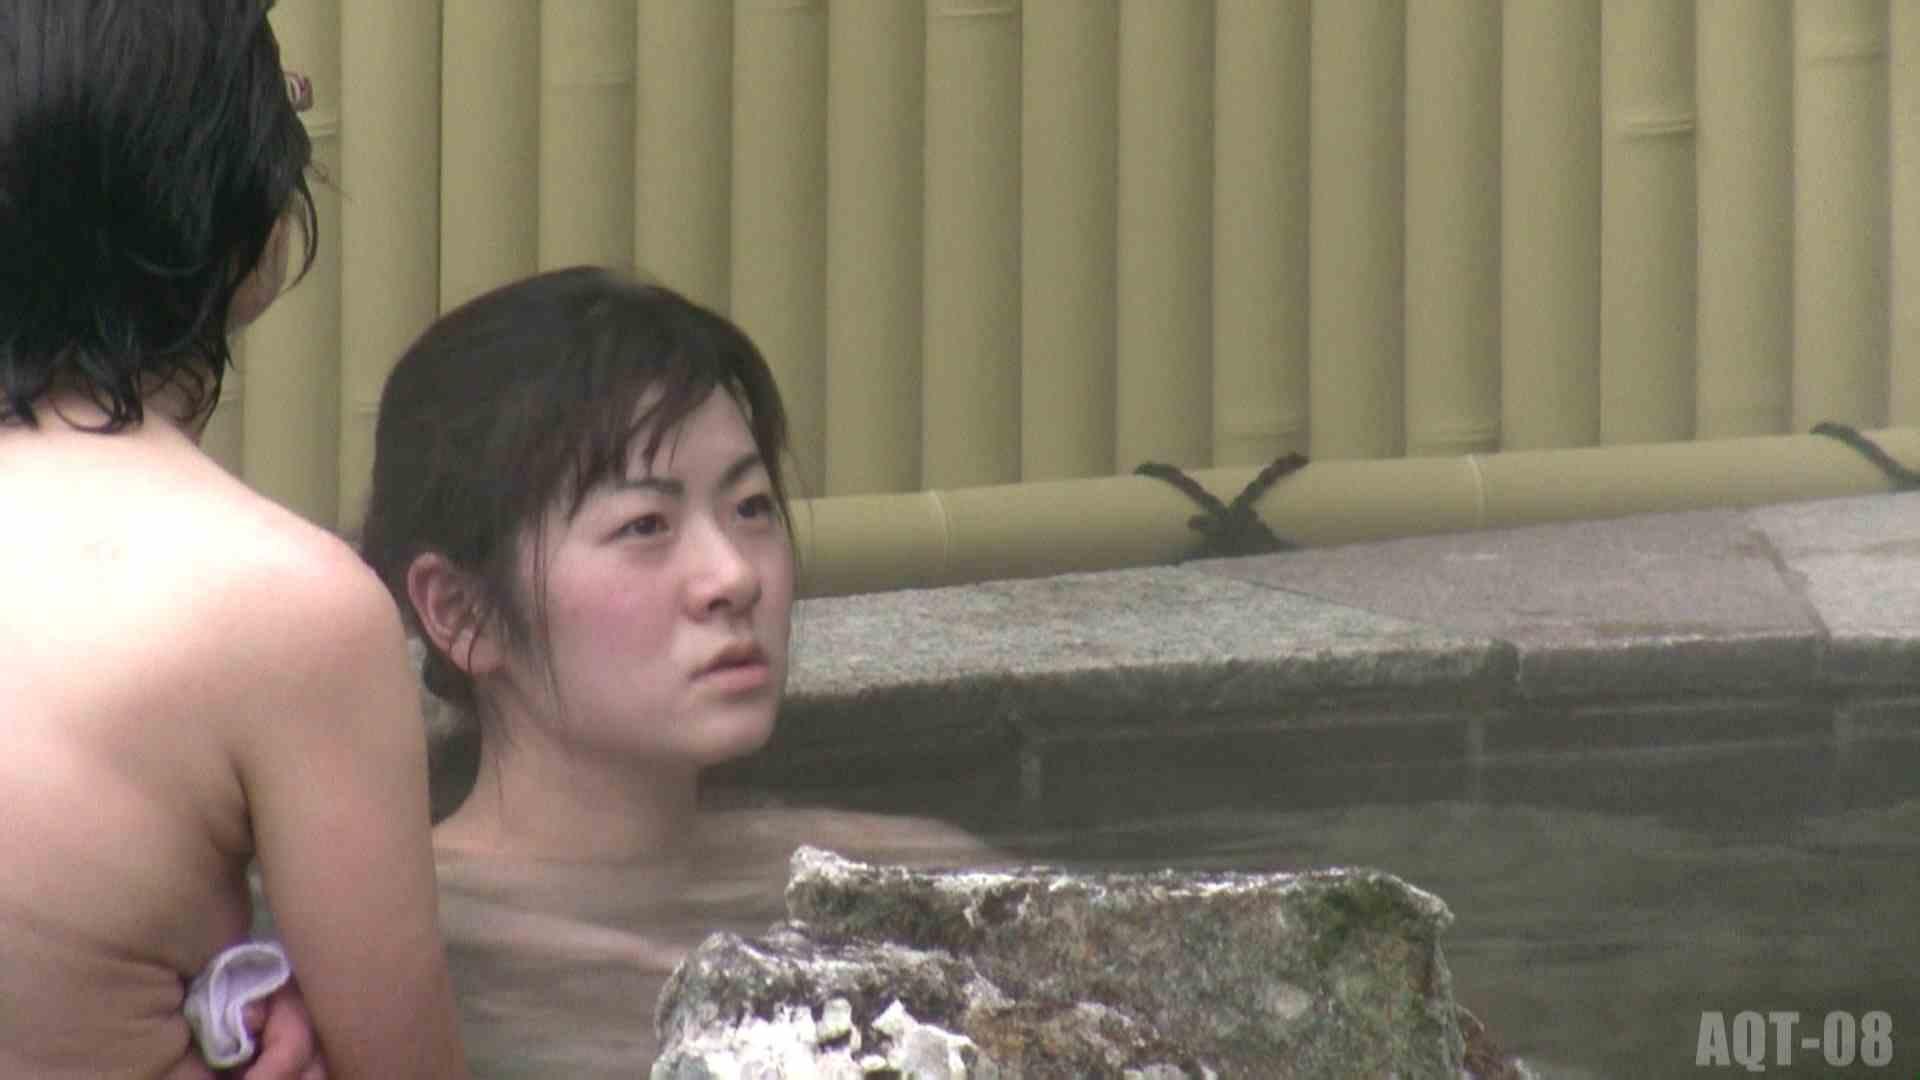 Aquaな露天風呂Vol.774 美しいOLの裸体  78pic 21